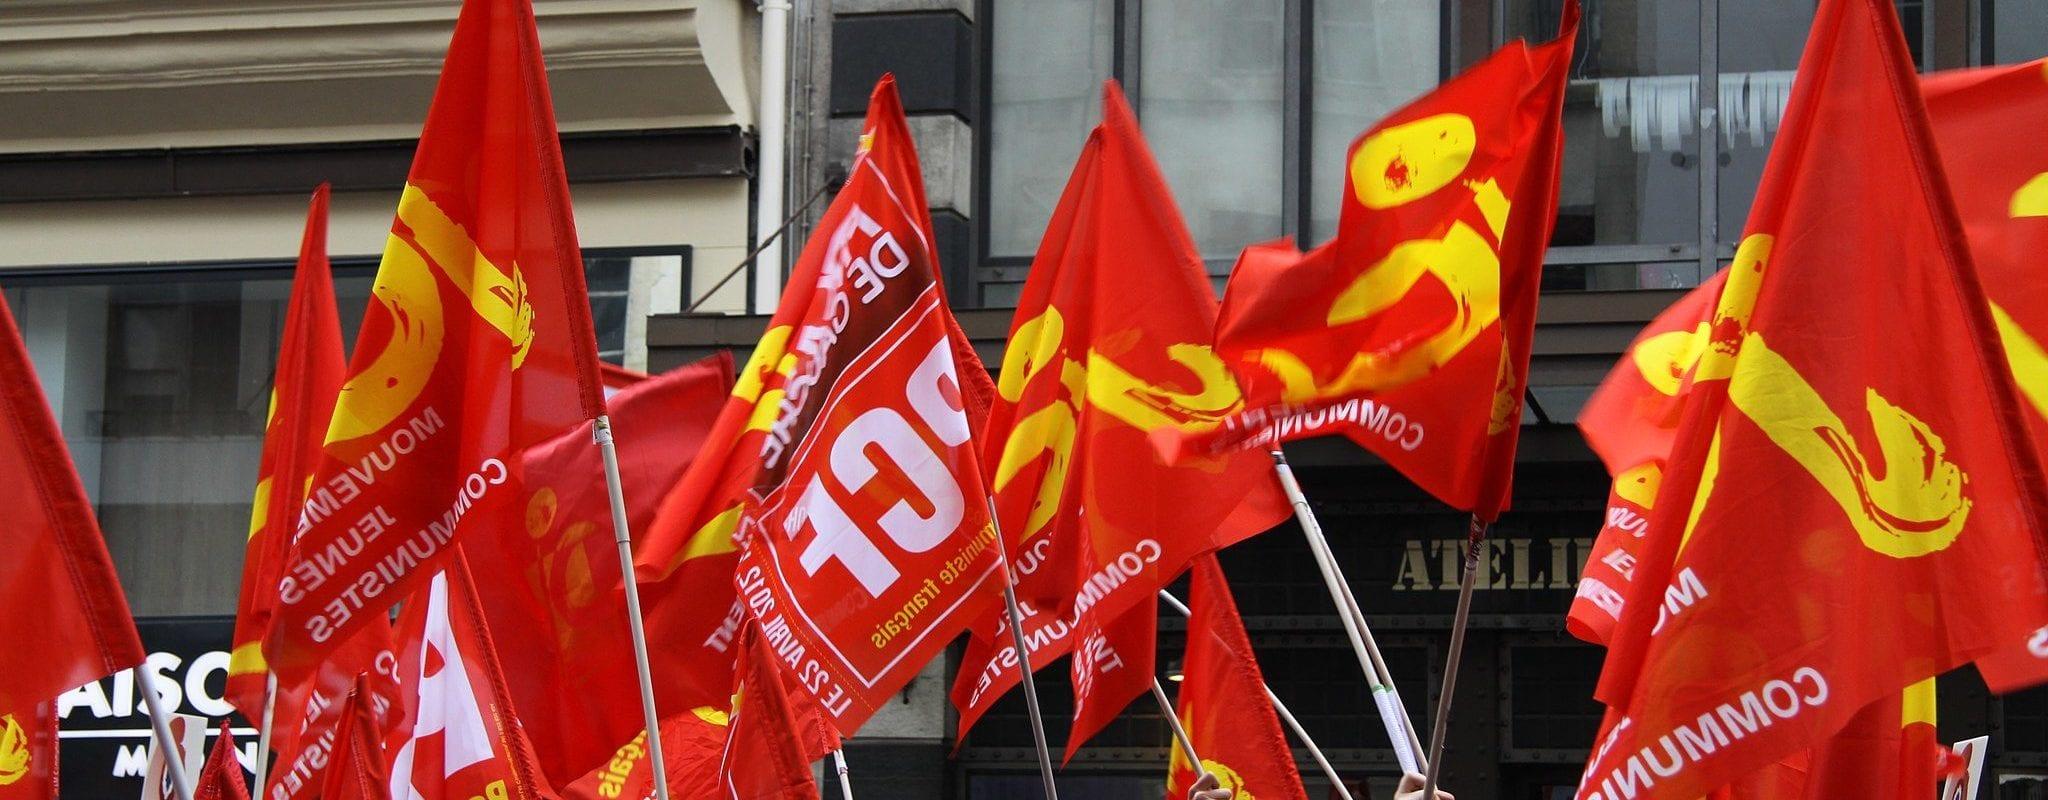 Chez les jeunes communistes de Strasbourg aussi, l'embarras des réactions aux violences sexistes